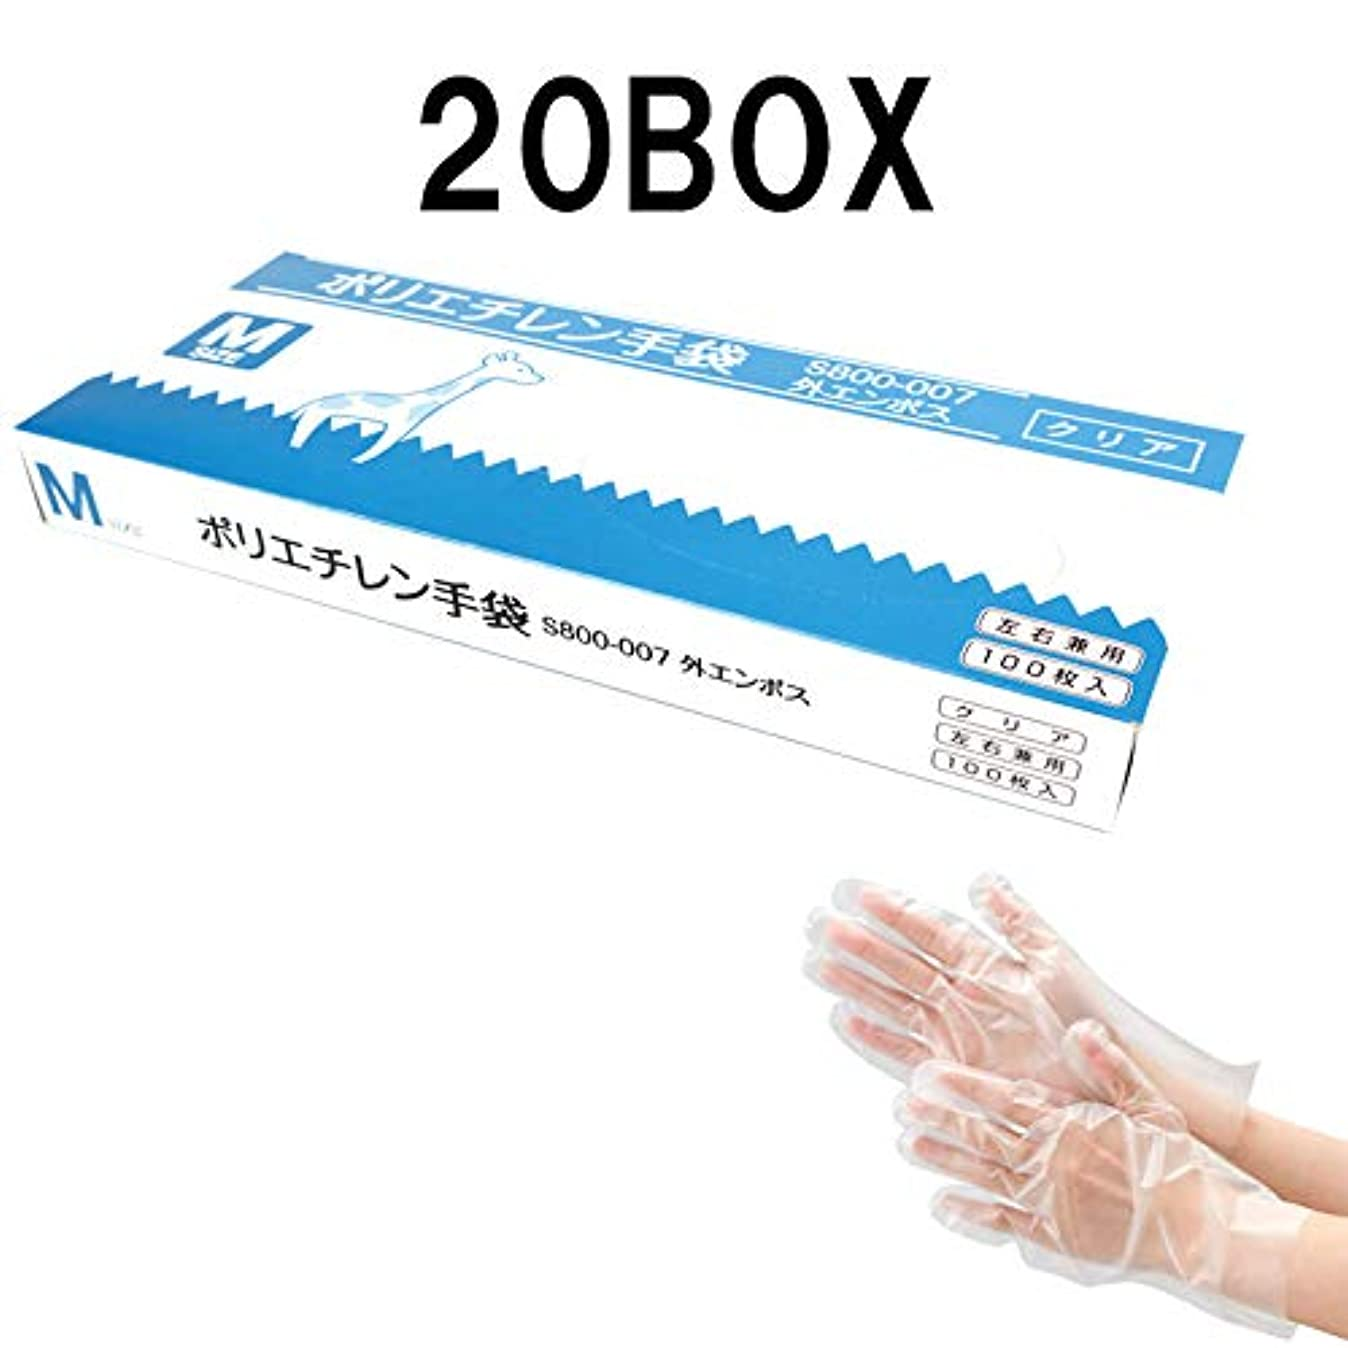 カウンターパートバスタブ受賞(2000枚) 使い捨て ポリエチレン手袋 Mサイズ 100枚入り×20BOX クリア色 左右兼用 外エンボス 食品衛生法適合品